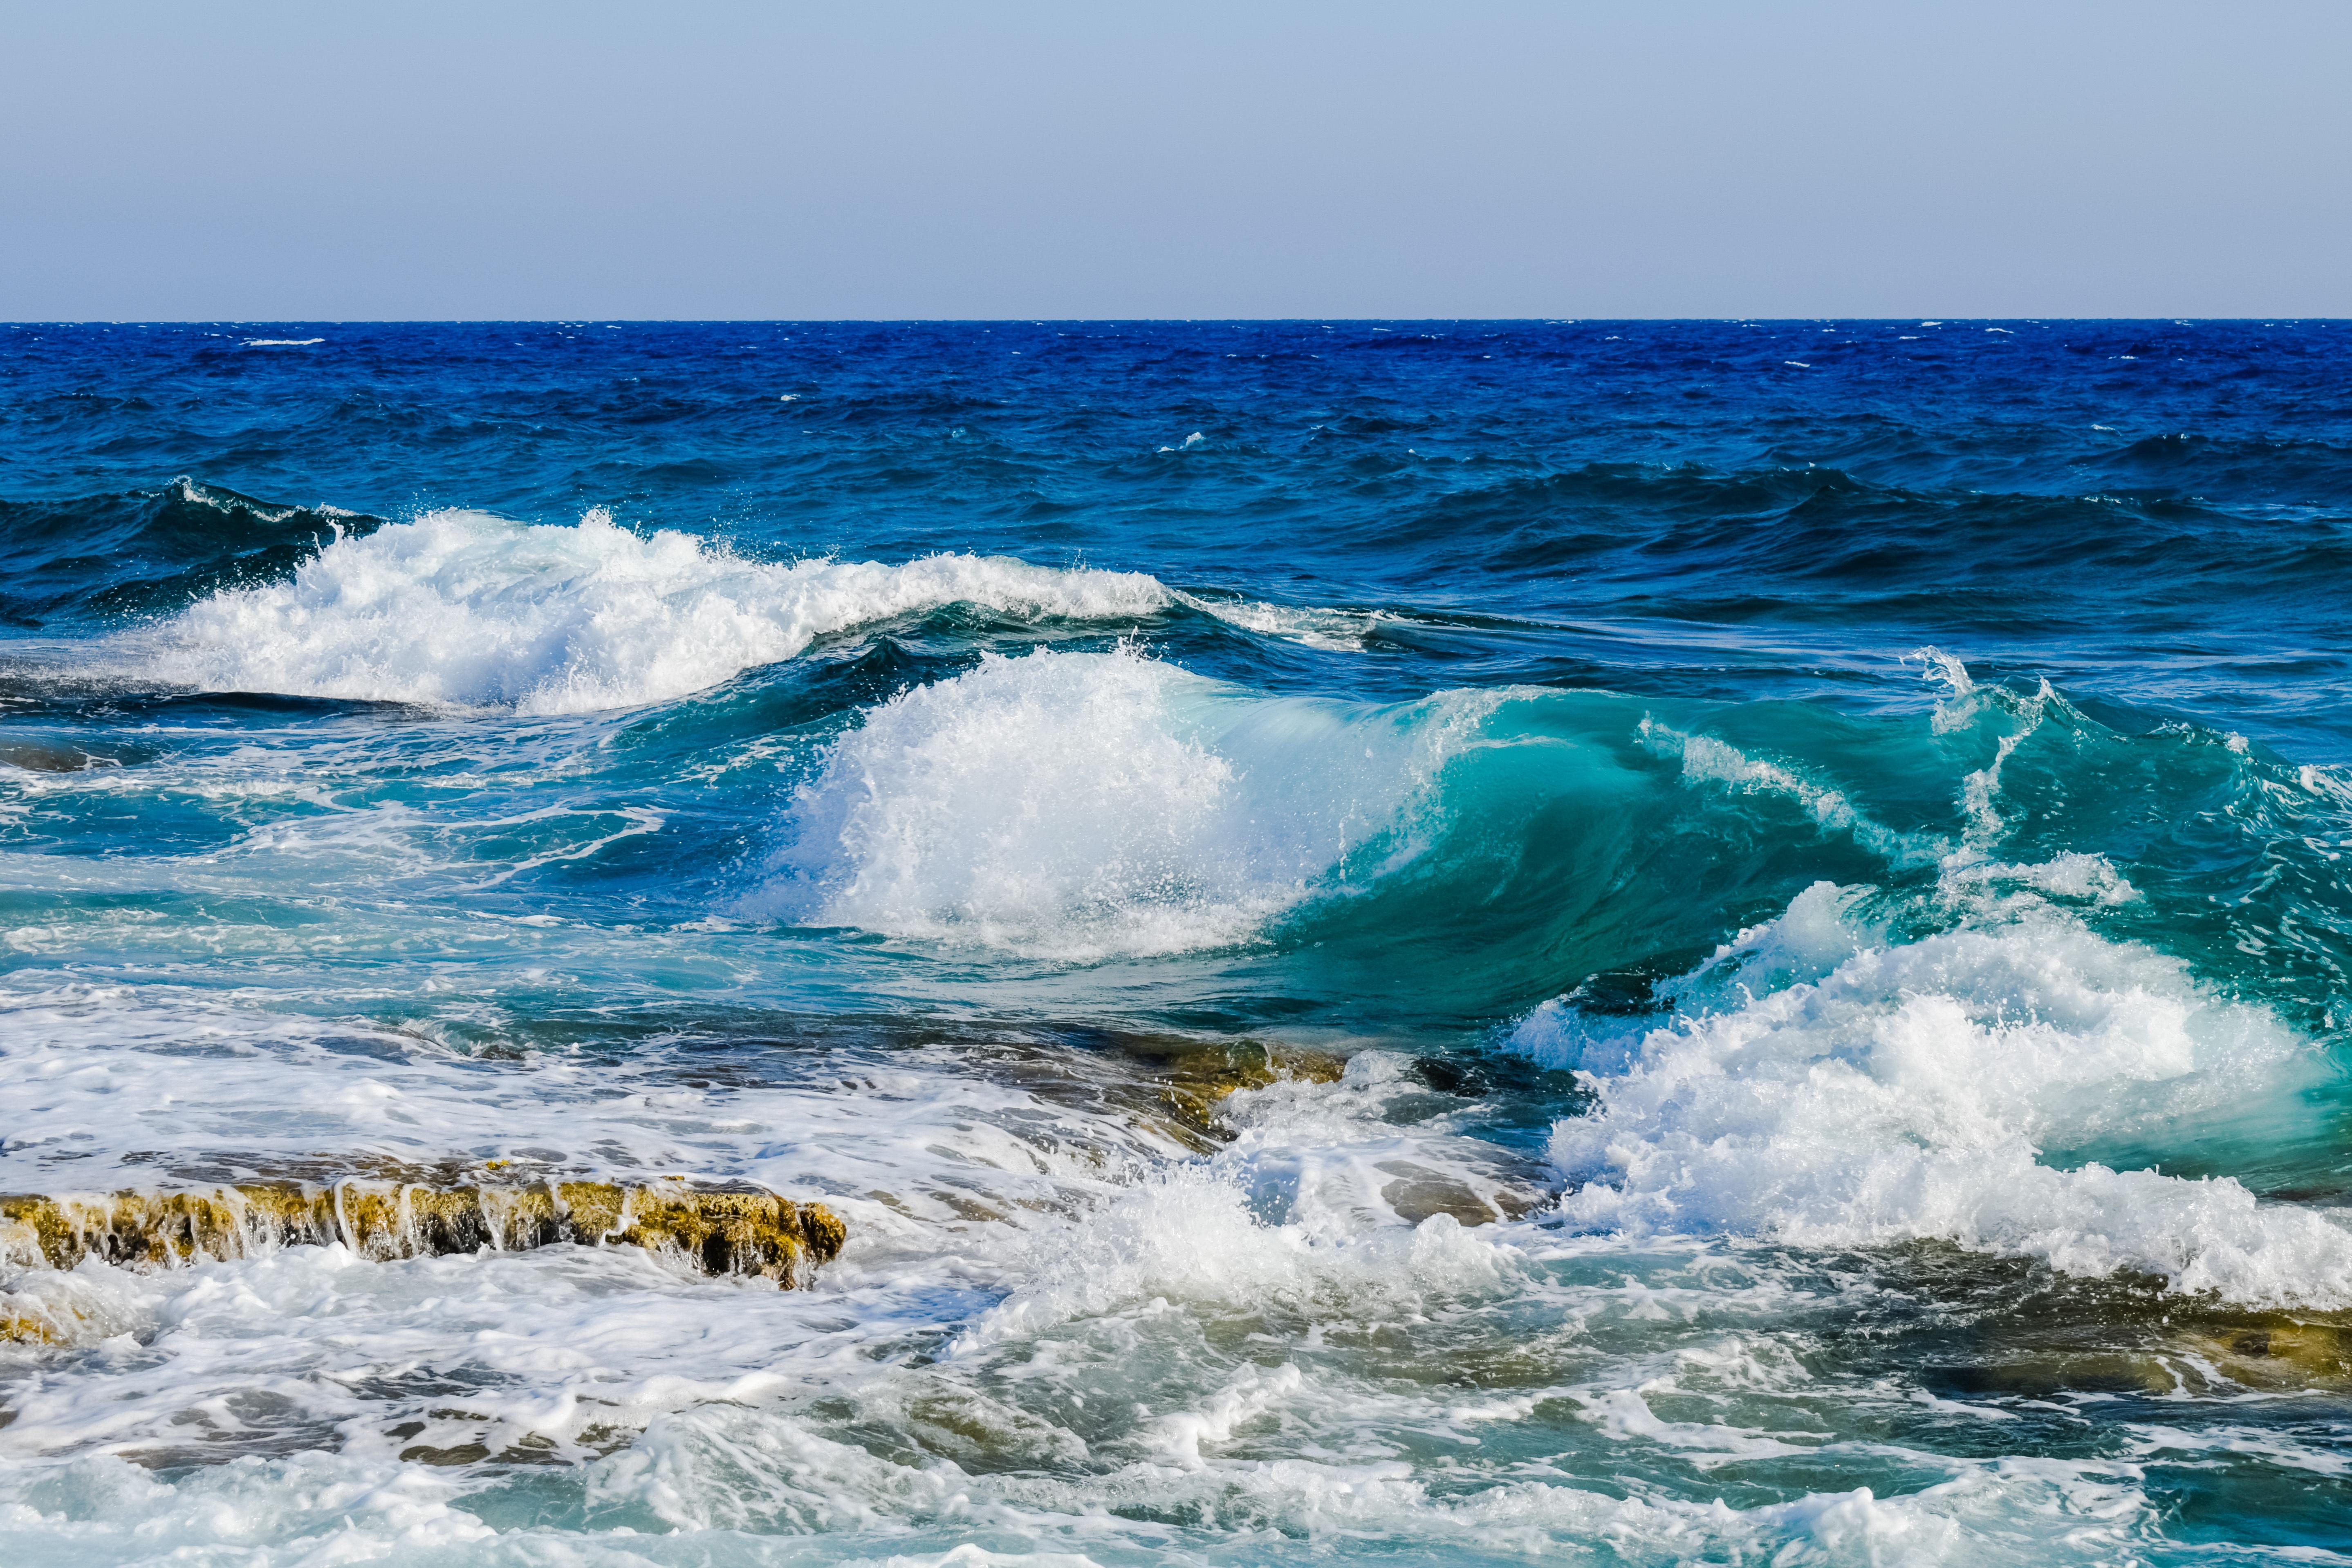 57104 télécharger le fond d'écran Nature, Mer, Océan, Le Surf, Surfer, Noyaux, Mousse, Écume - économiseurs d'écran et images gratuitement